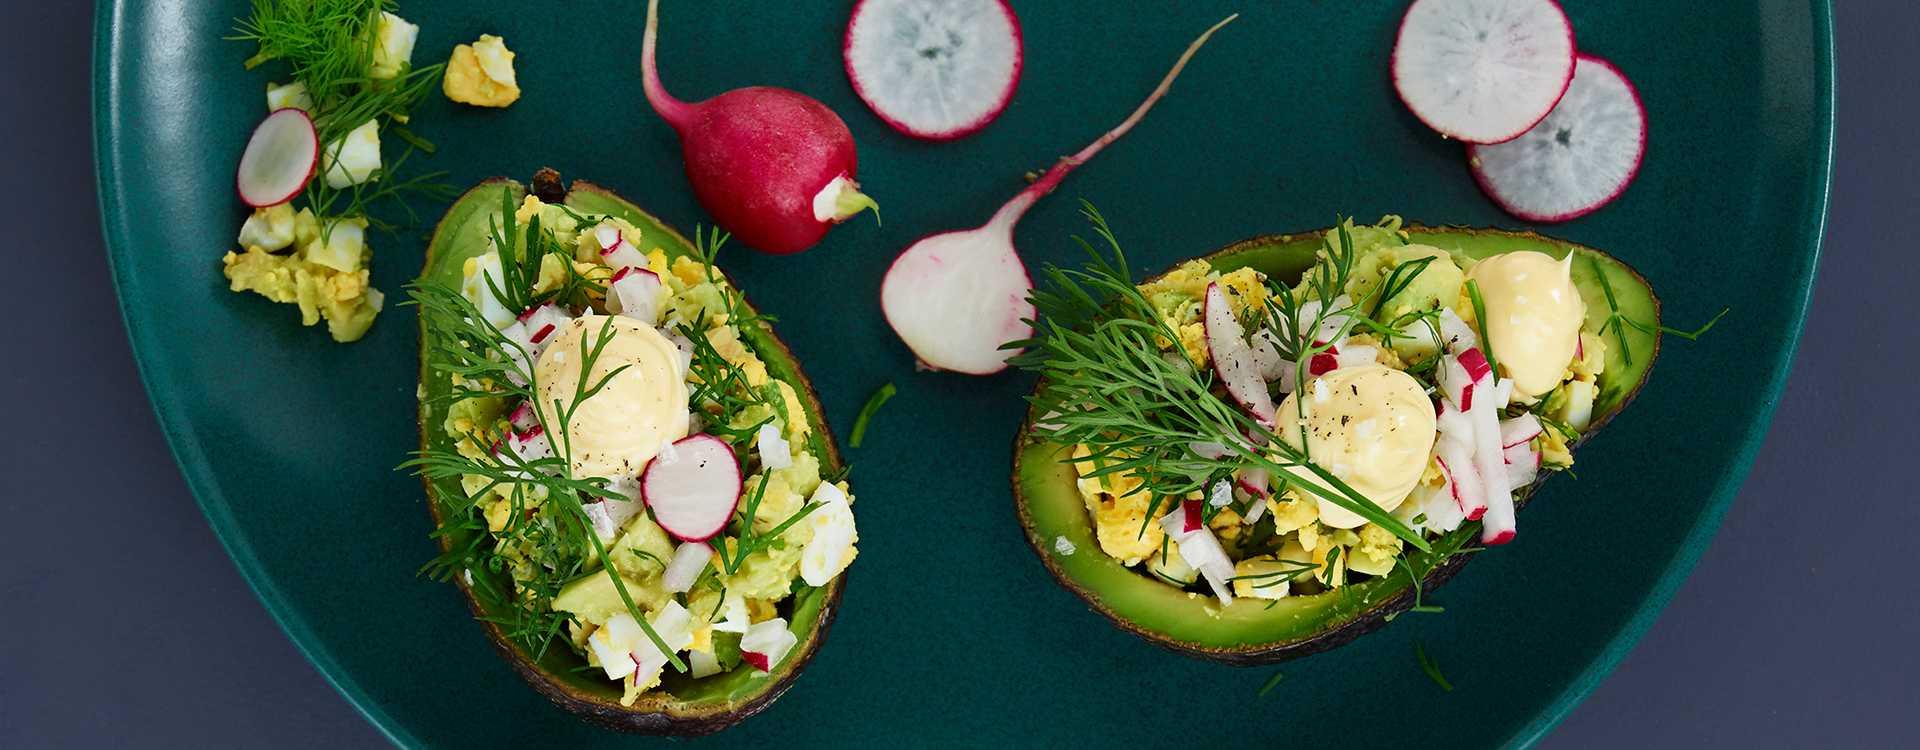 Fylt avokado med egg og reddiker